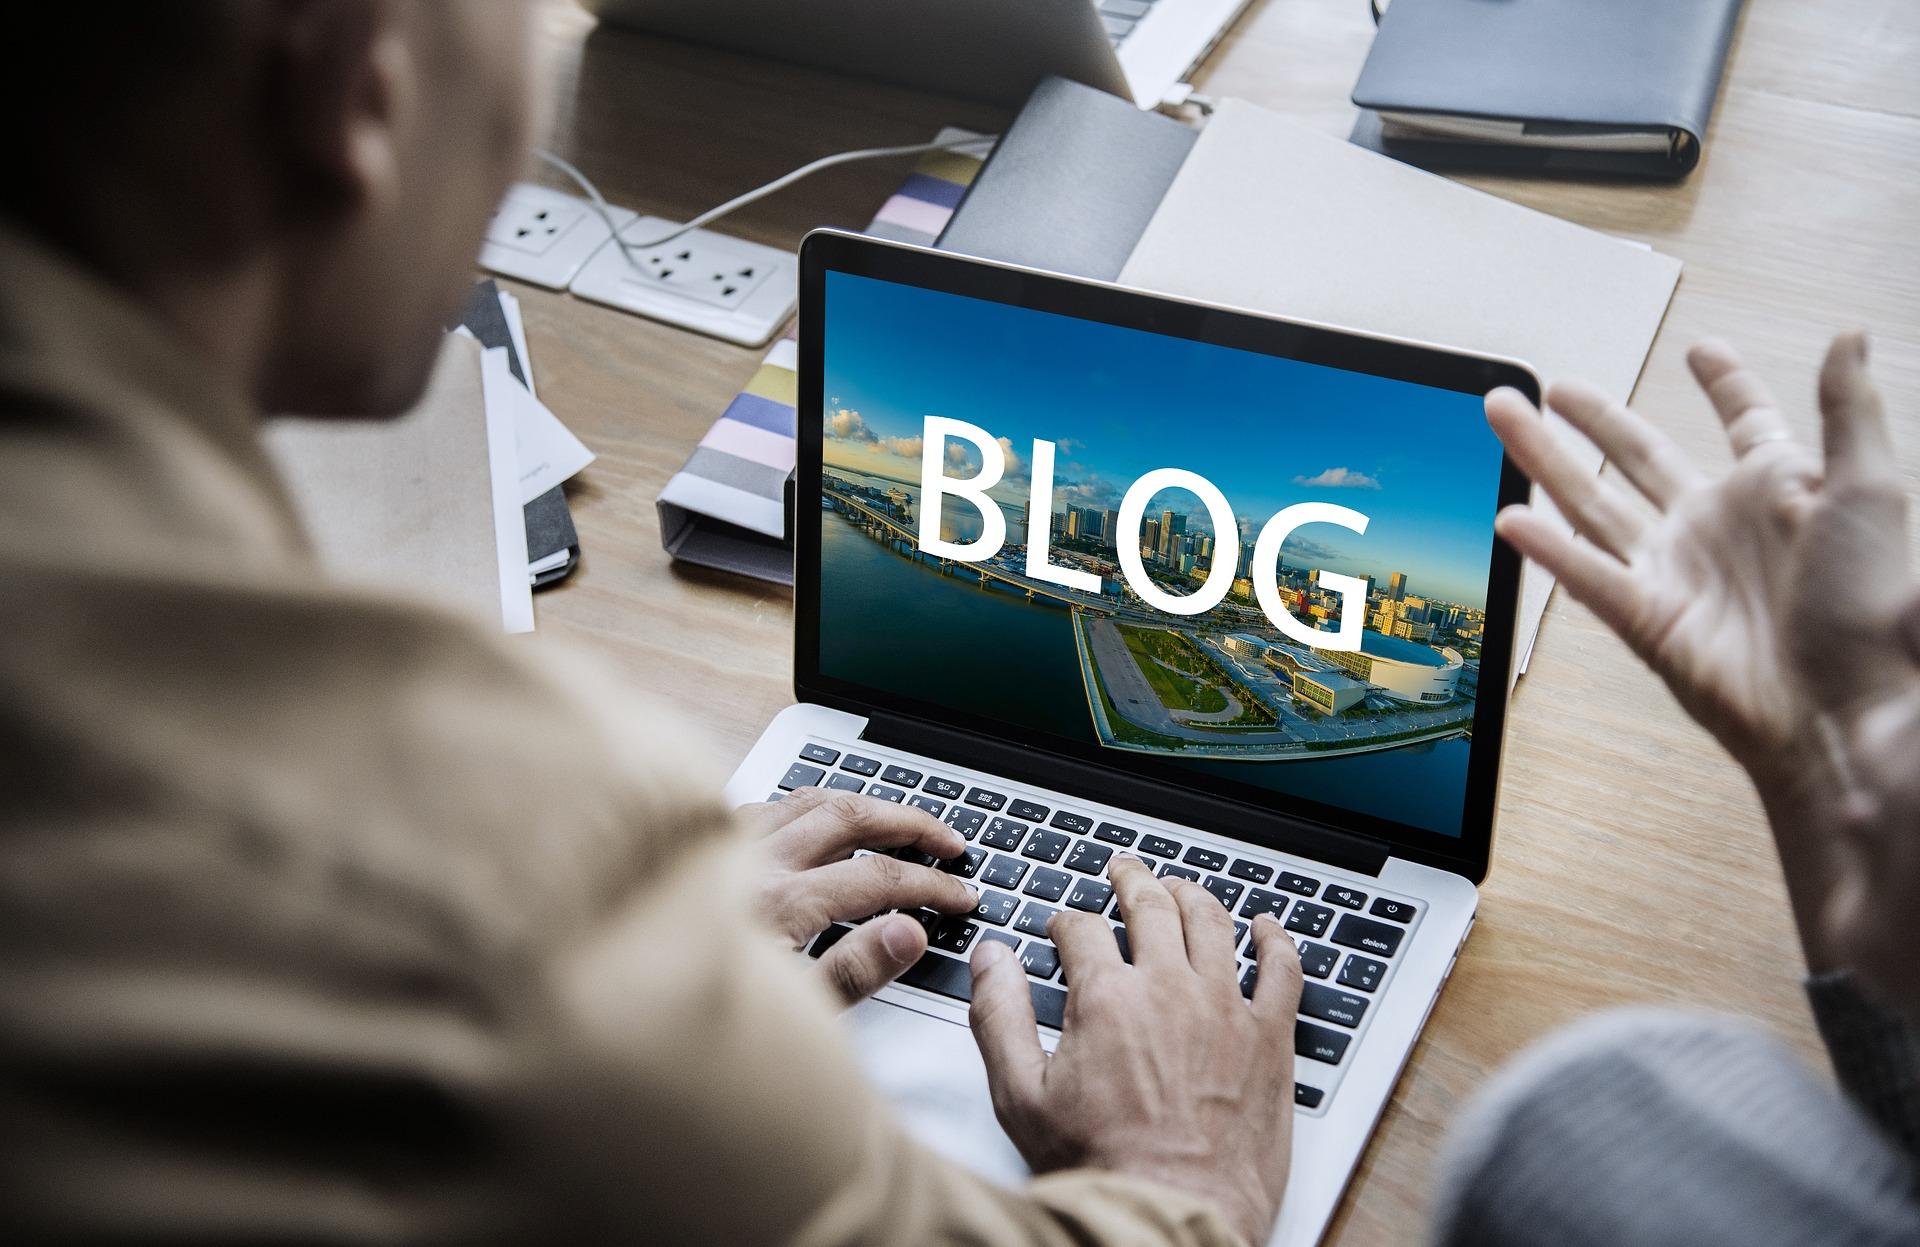 ブログにインスタを埋め込むメリットは?実は相性がいい?